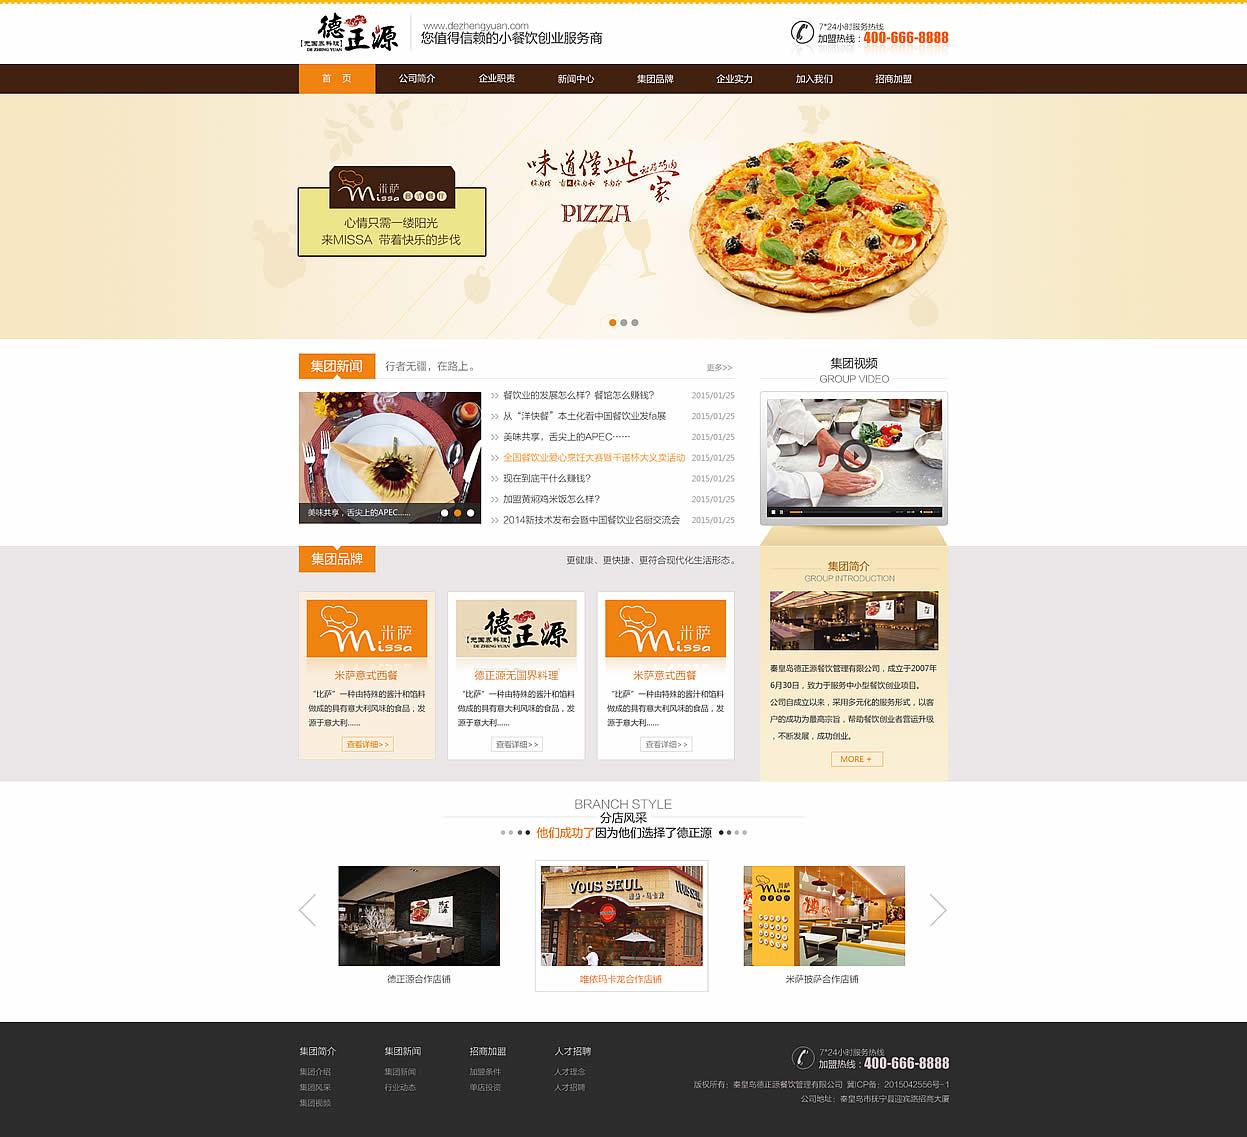 餐饮加盟企业网站首页效果图